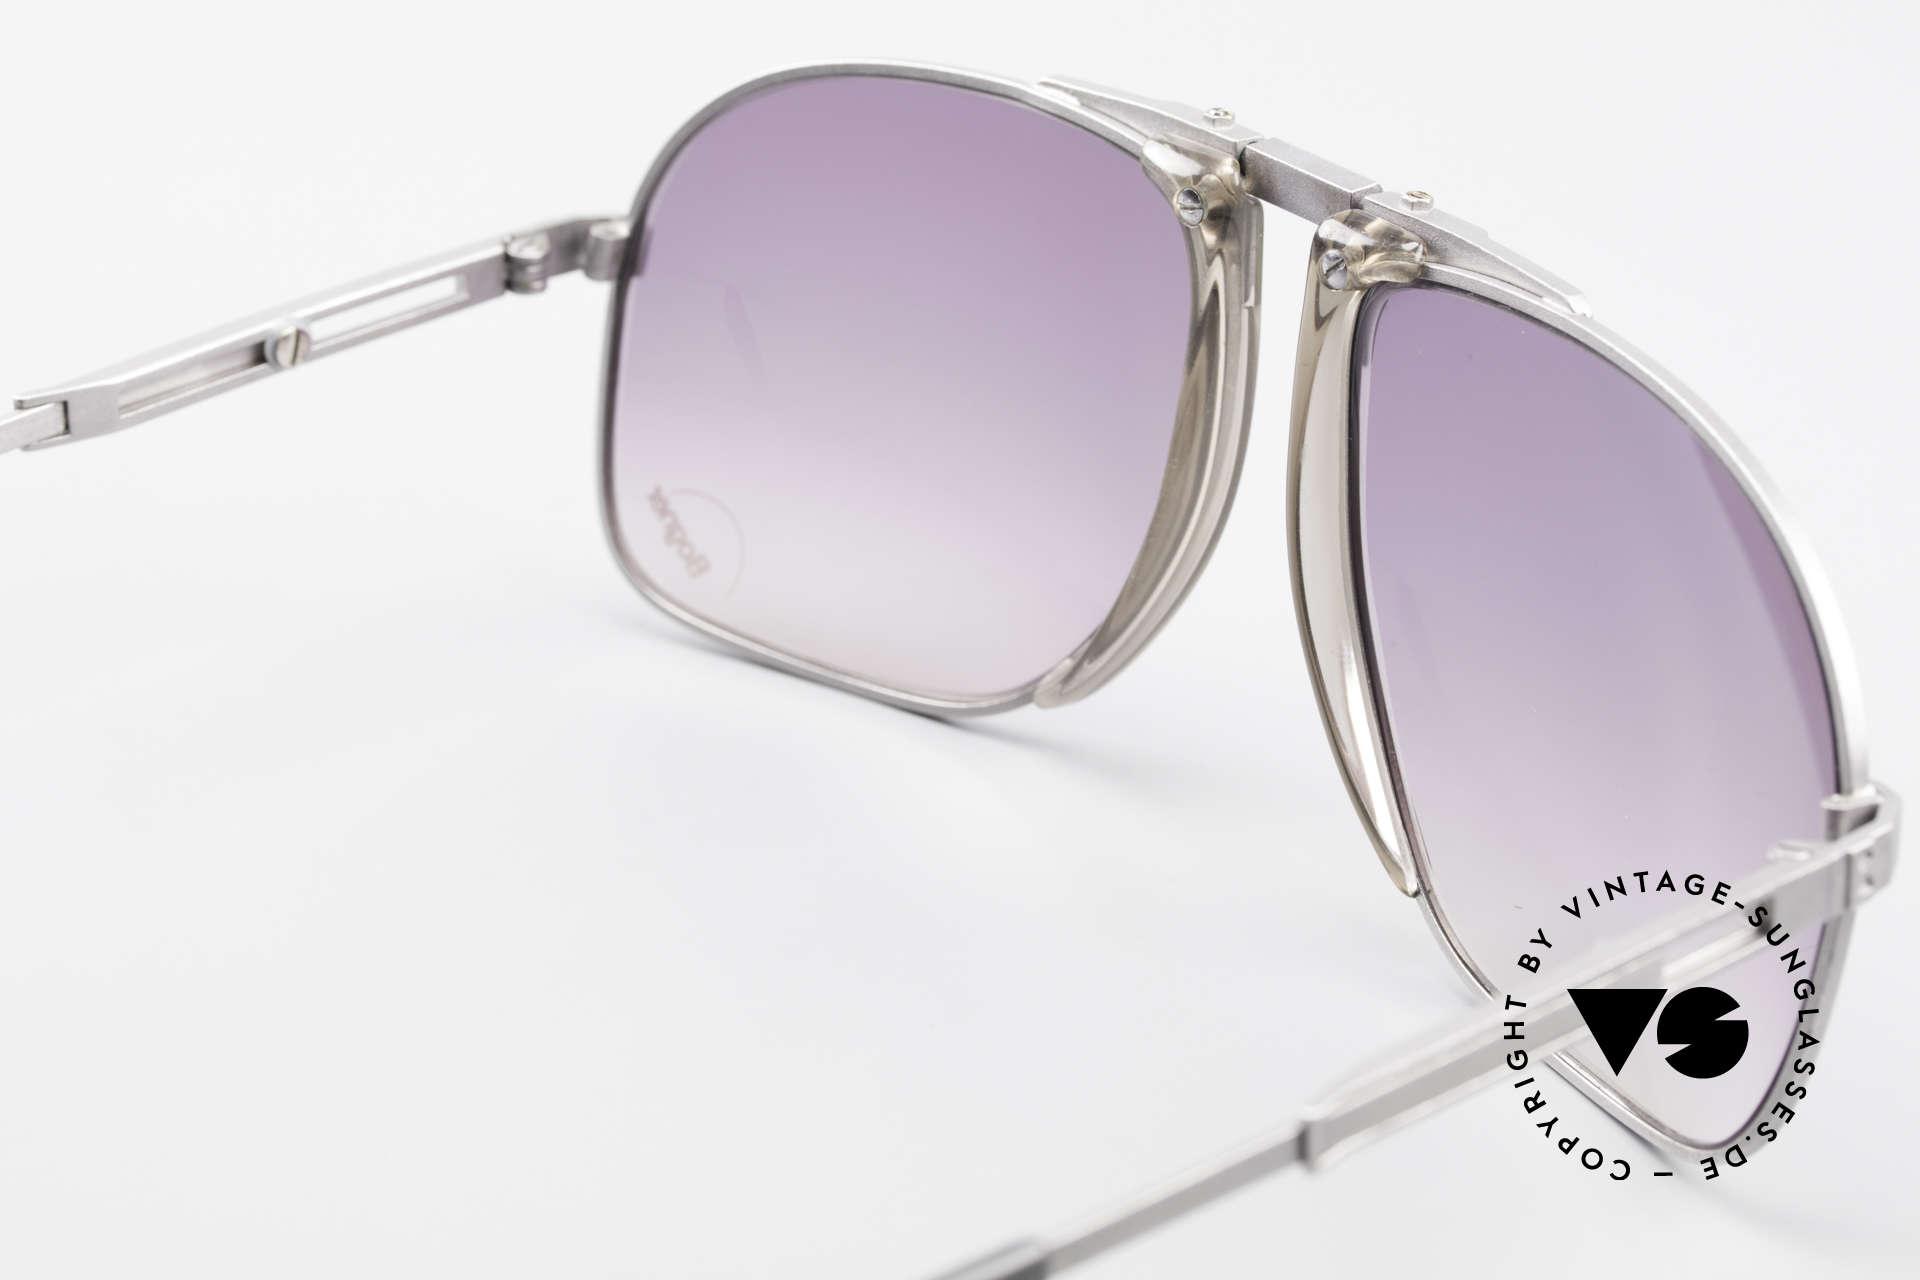 Willy Bogner 7023 Einstellbare Sonnenbrille 80er, KEINE RetroBrille; ein vintage ORIGINAL + Bogner Etui, Passend für Herren